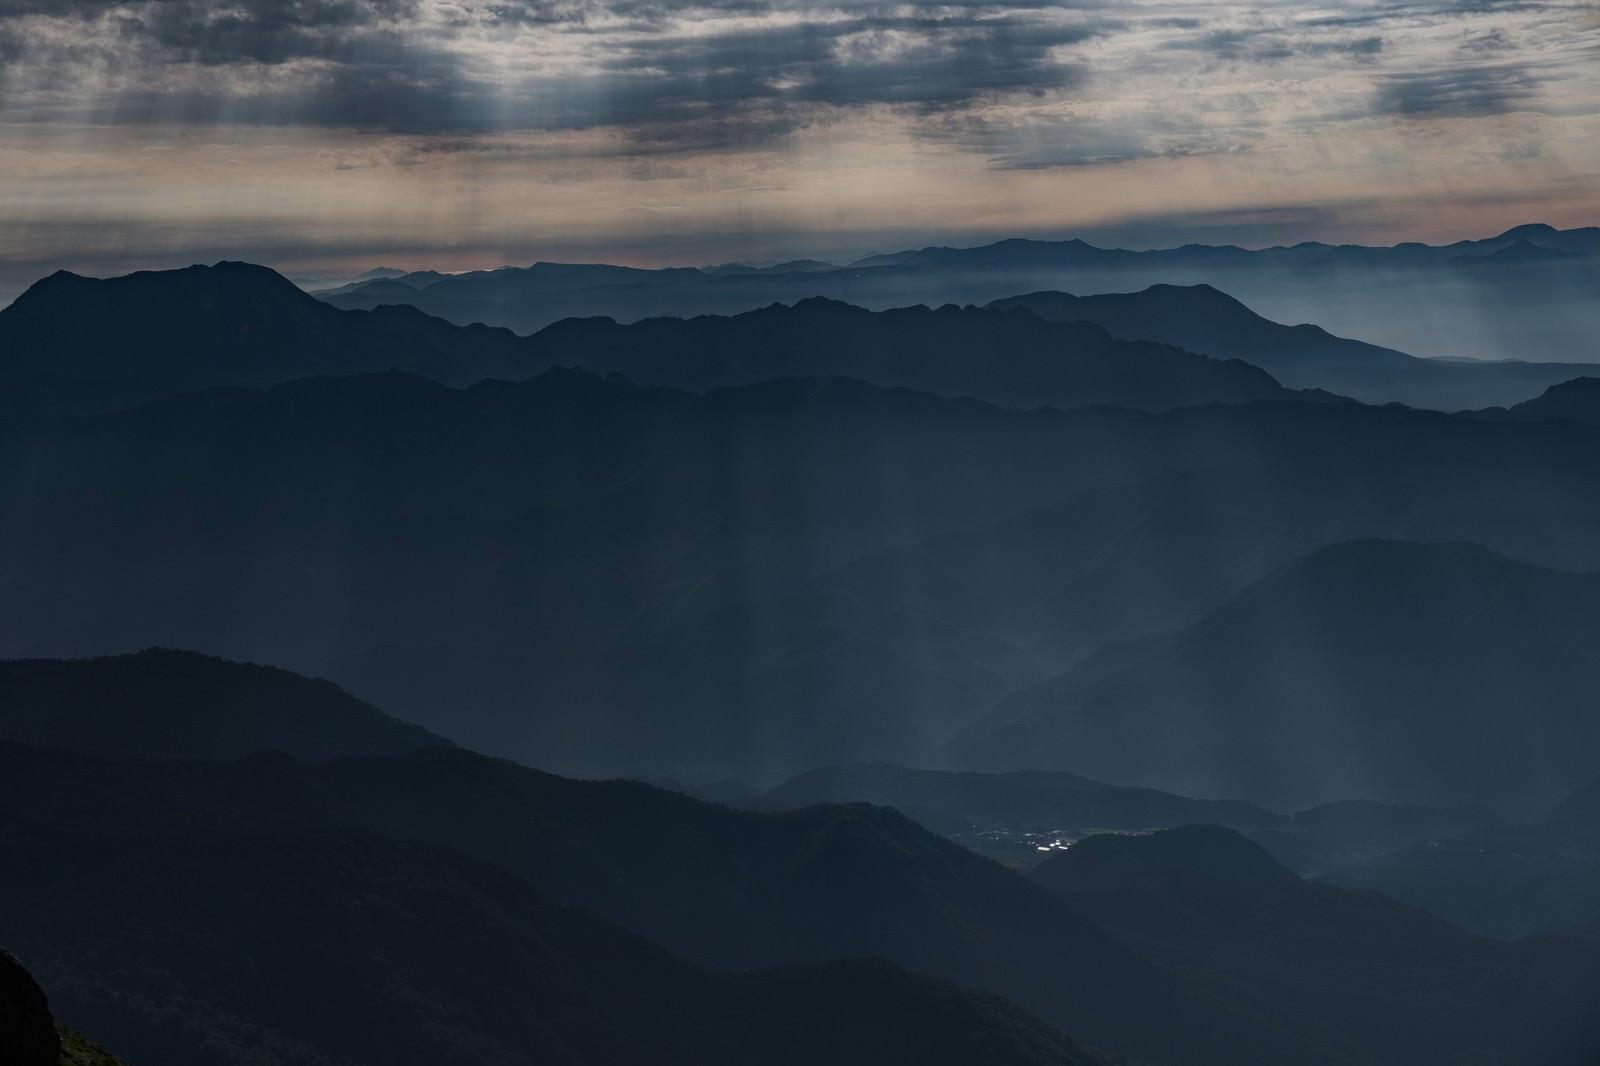 「山間部の街へ降り注ぐ光芒」の写真